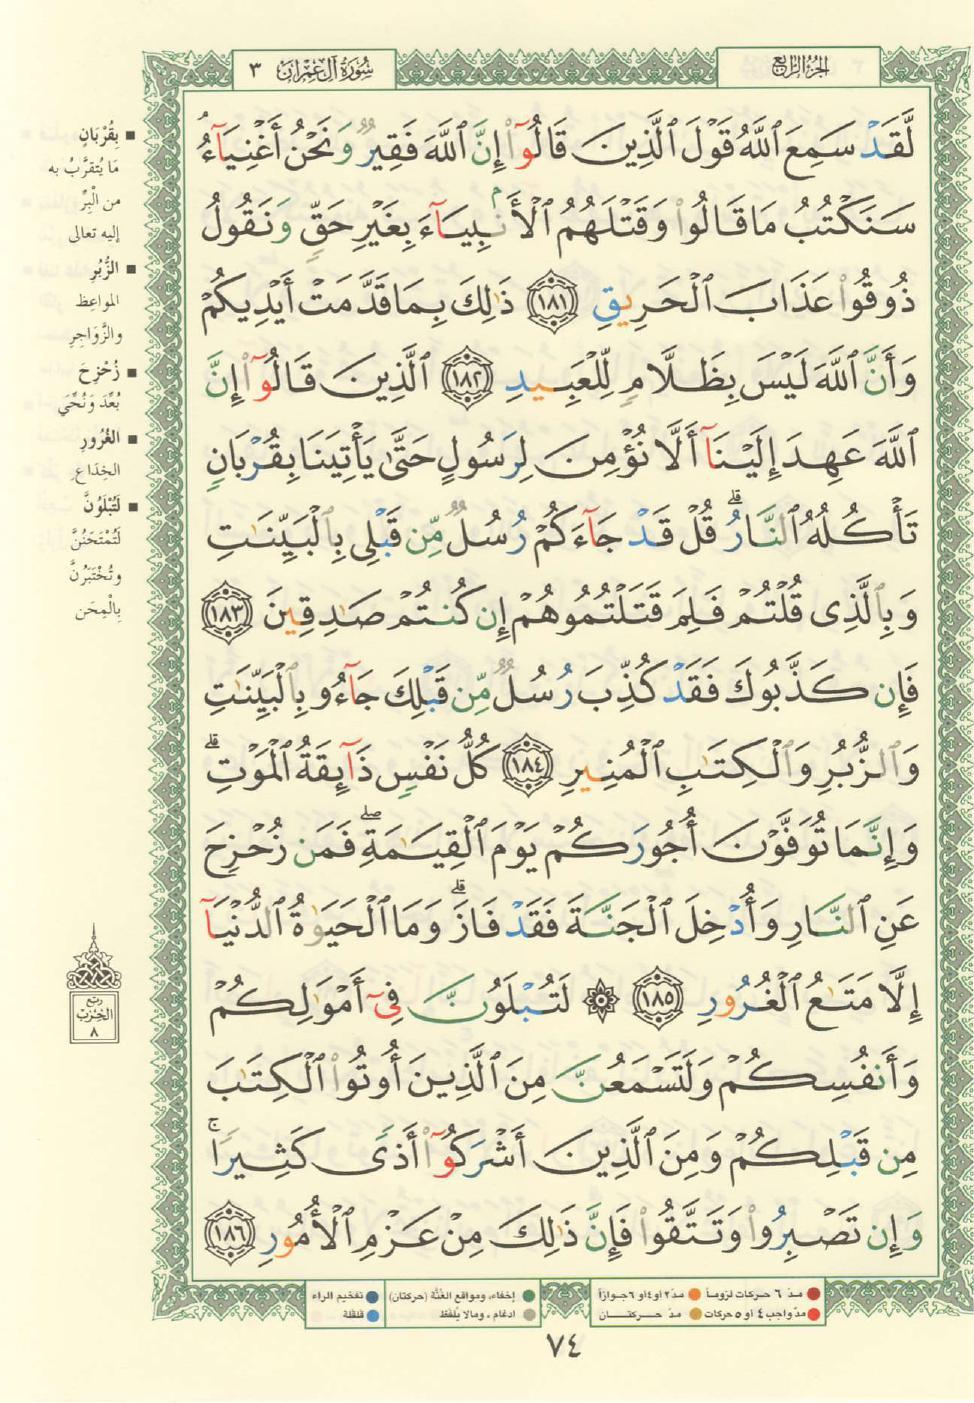 3. سورة آل عمران - Al-Imran مصورة من المصحف الشريف Quran_tajwid_000083